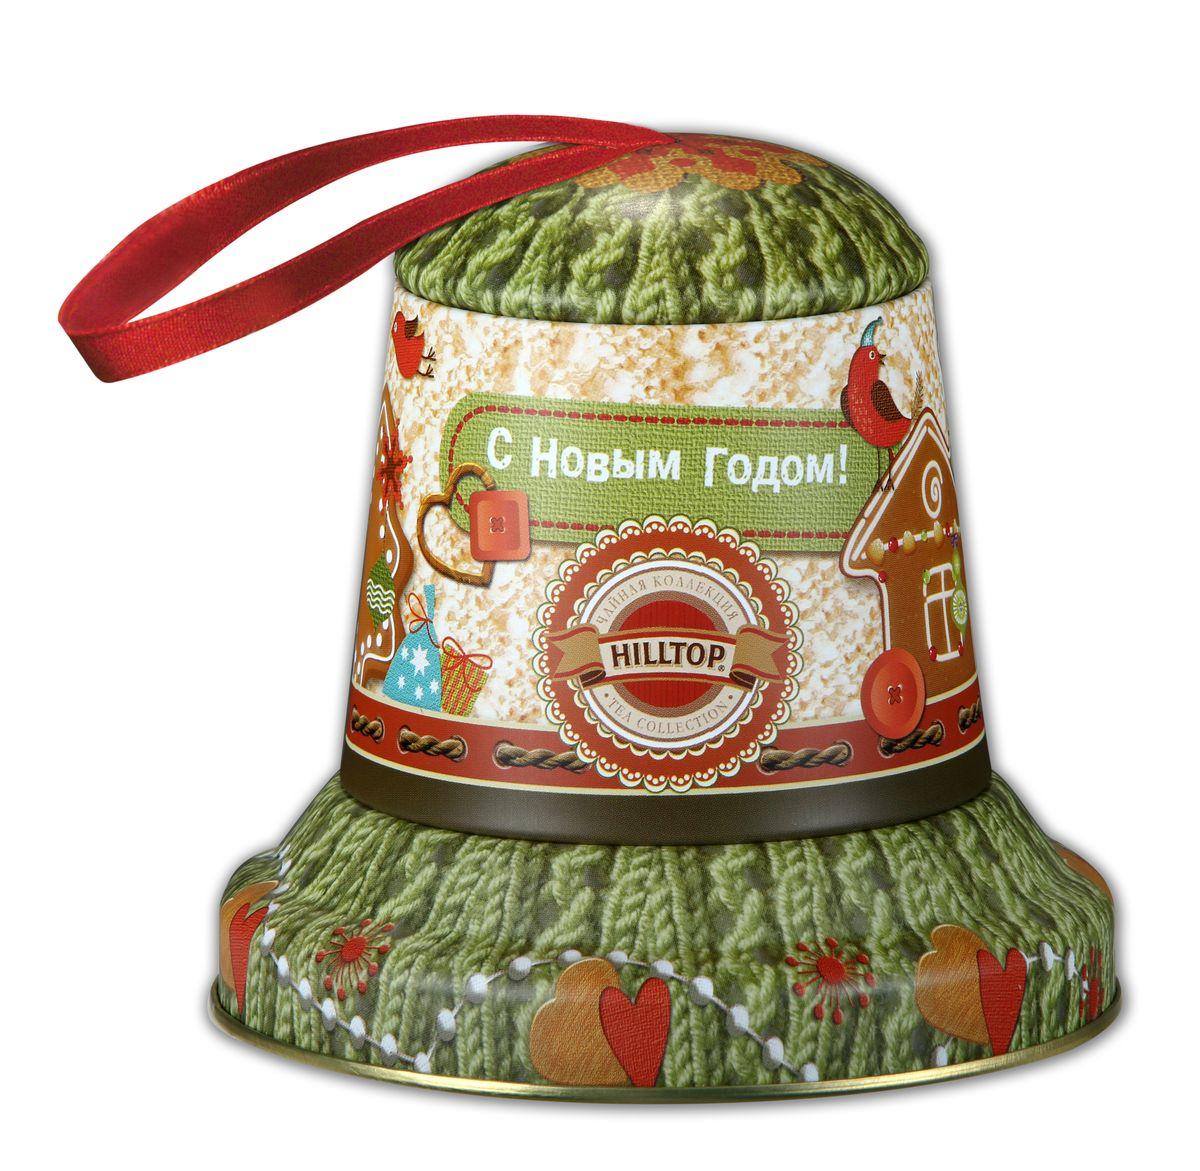 Hilltop Колокольчик Теплый подарок черный листовой чай, 100 г0120710Hilltop Колокольчик Теплый подарок - черный крупнолистовой чай с цедрой апельсина и ароматом бергамота. Праздничная упаковка в виде елочной игрушки будет великолепно смотреться на семейном новогоднем застолье.